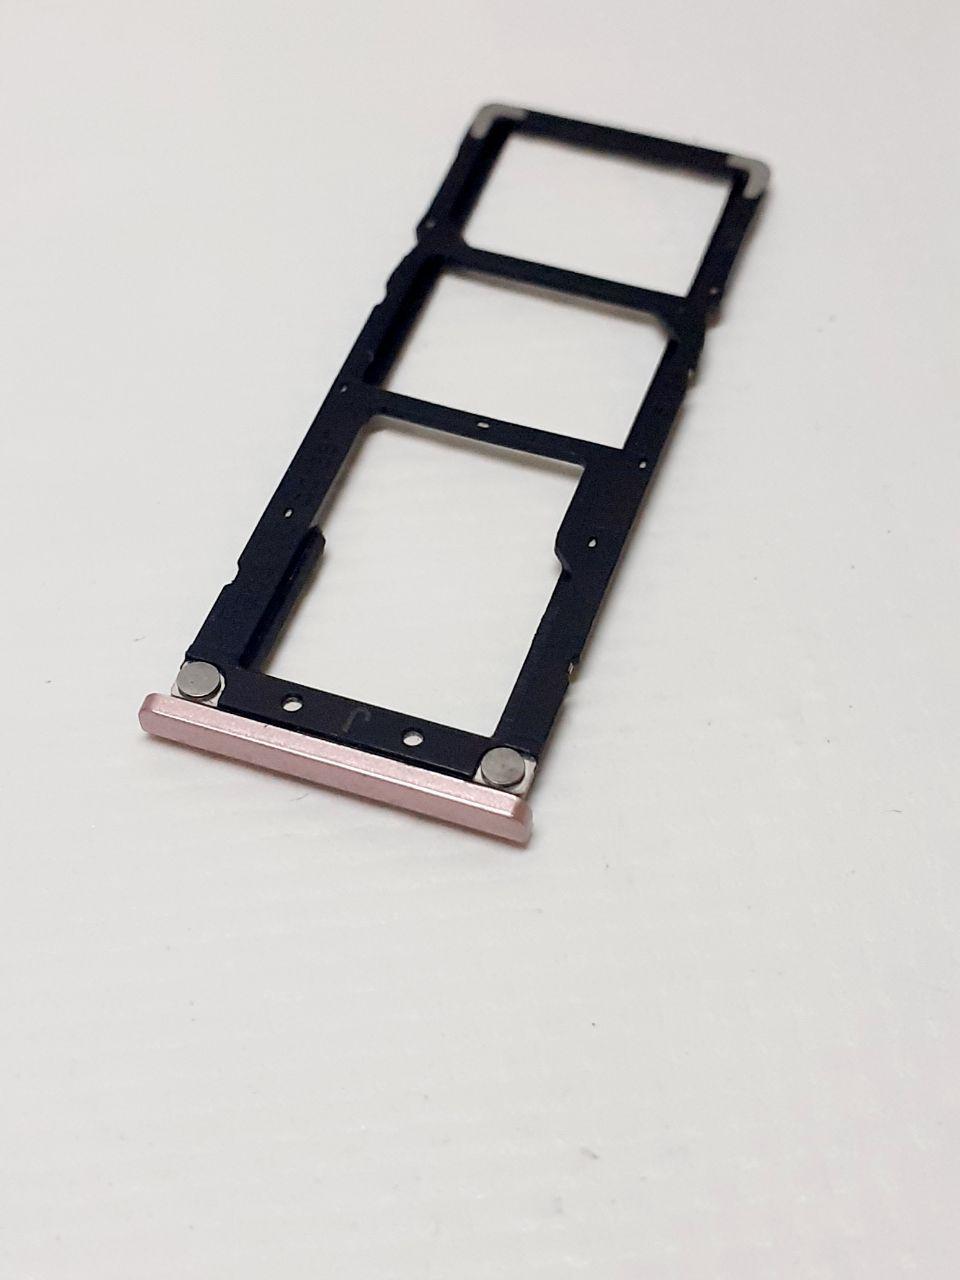 Лоток sim-карт  Xiaomi Redmi Note 5A розовый  оригинал , разбор